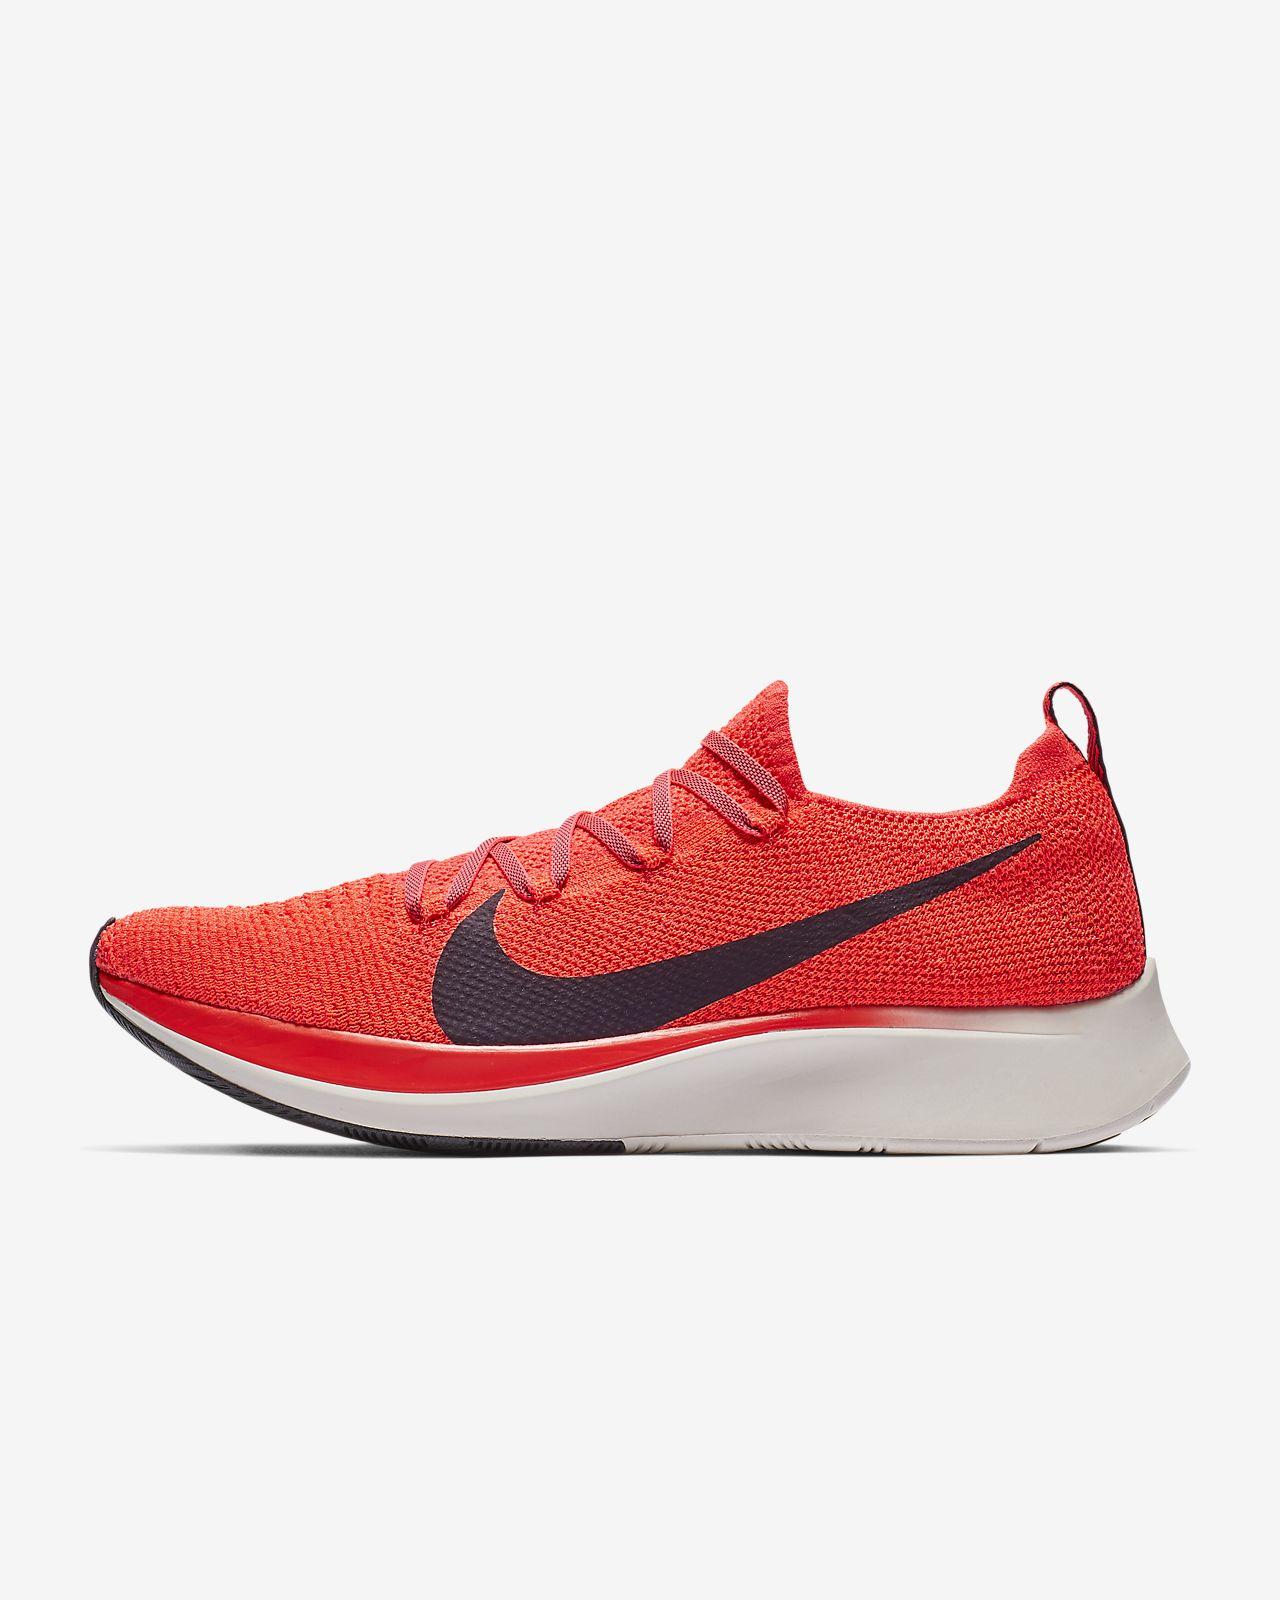 pretty nice aa276 8ee05 Nike Zoom Fly Flyknit Herren-Laufschuh